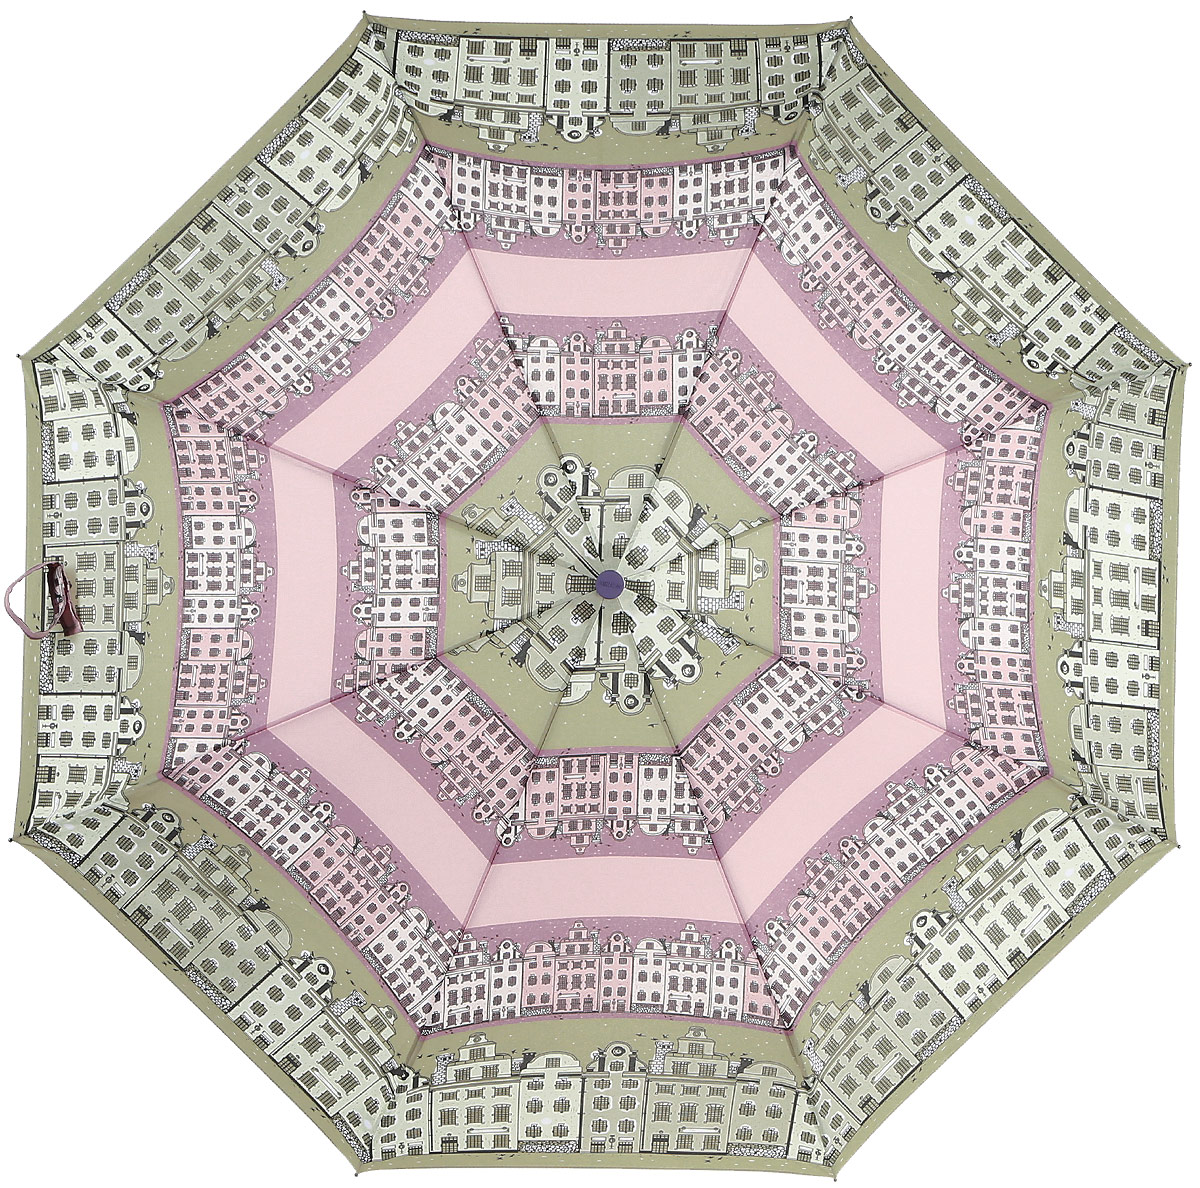 Зонт женский Airton, механический, 3 сложения, цвет: бежевый, розовый. 3515-120CX1516-50-10Классический женский зонт Airton в 3 сложения имеет механическую систему открытия и закрытия.Каркас зонта выполнен из восьми спиц на прочном стержне. Купол зонта изготовлен из прочного полиэстера. Практичная рукоятка закругленной формы разработана с учетом требований эргономики и выполнена из качественного пластика с противоскользящей обработкой.Такой зонт оснащен системой антиветер, которая позволяет спицам при порывах ветрах выгибаться наизнанку, и при этом не ломаться. К зонту прилагается чехол.